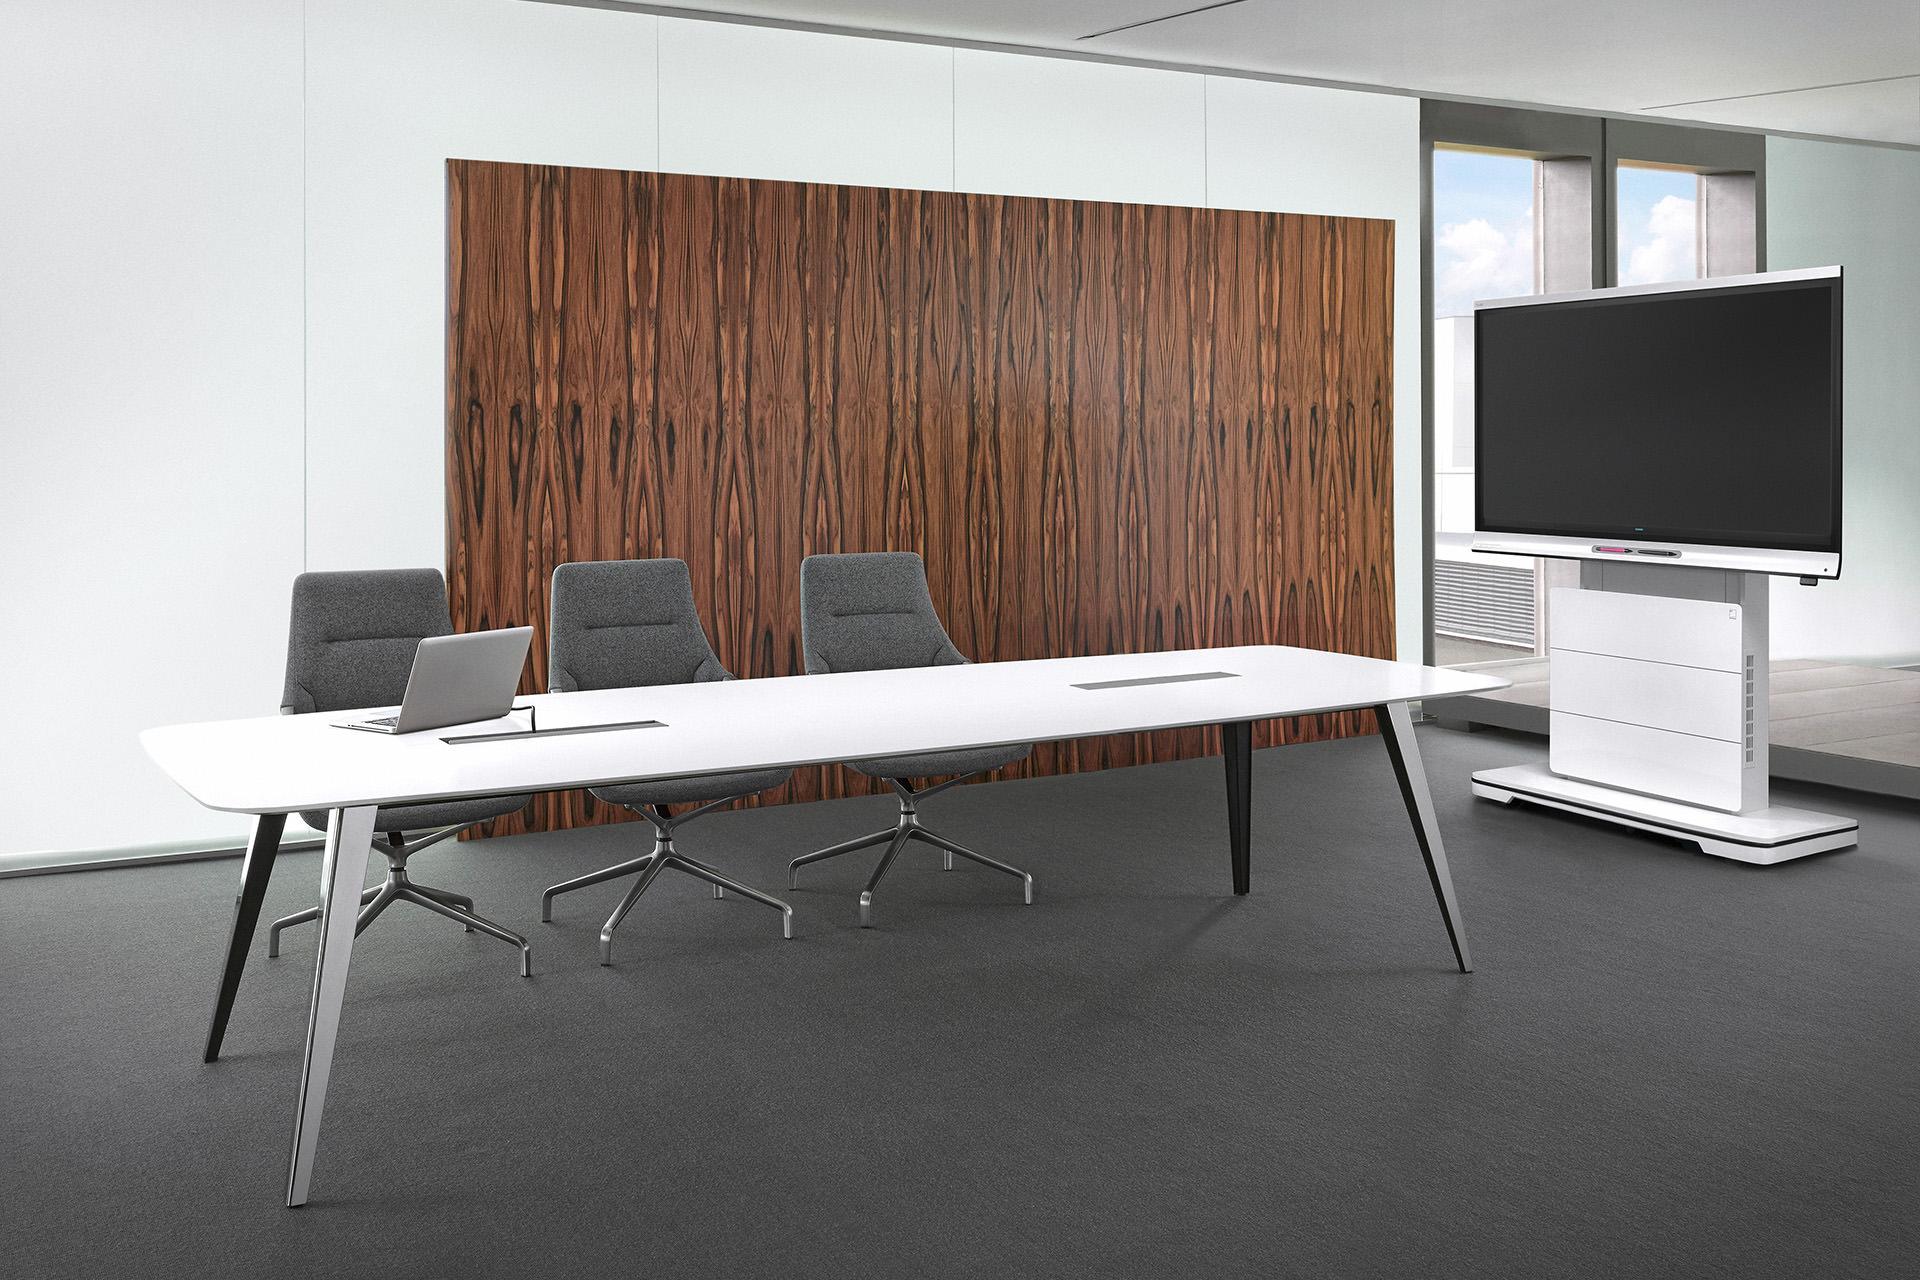 konferenztisch-c12-bild-988